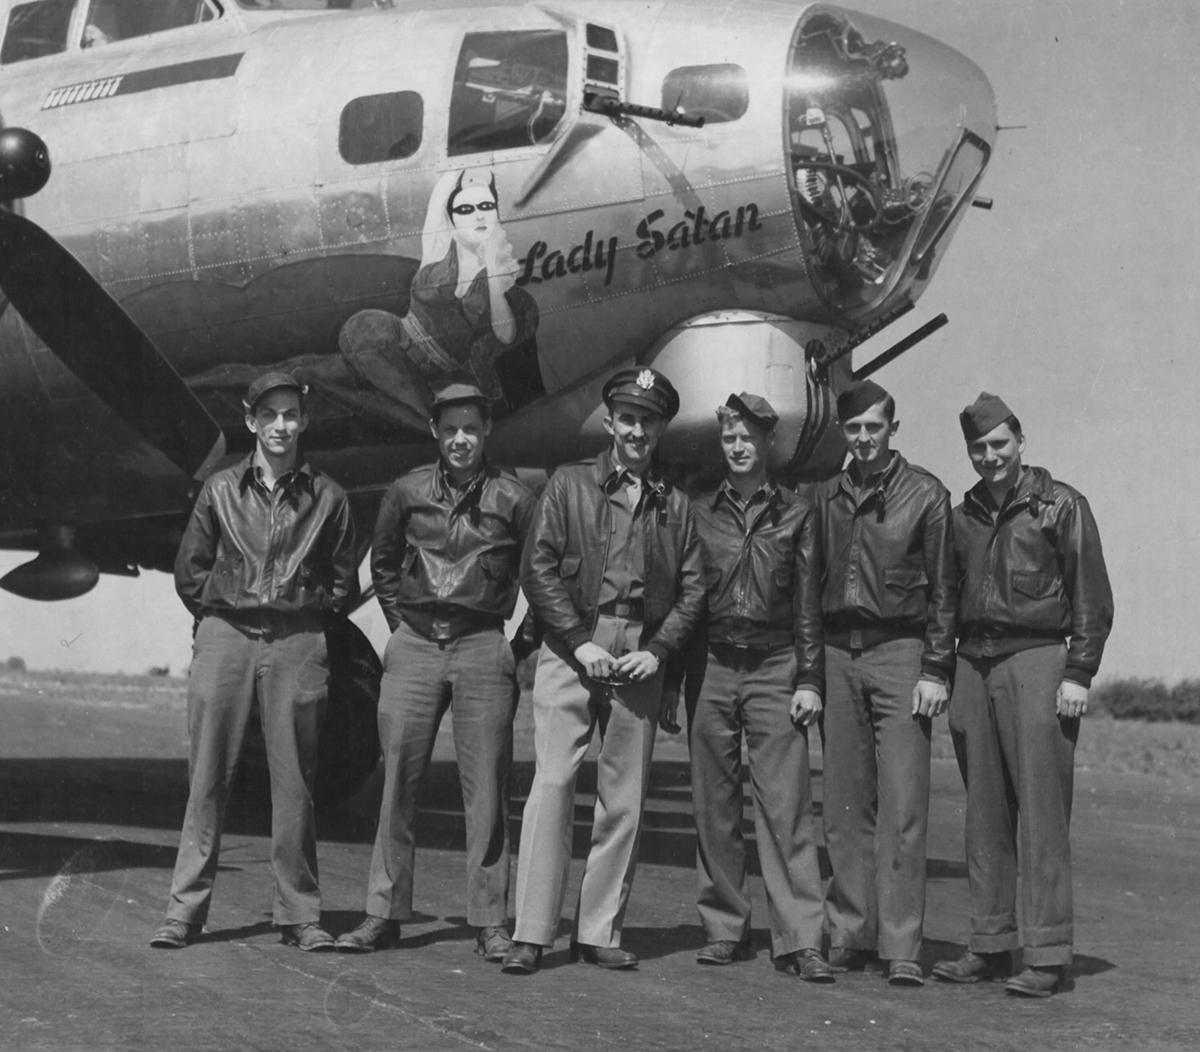 B-17 #42-97175 / Lady Satan